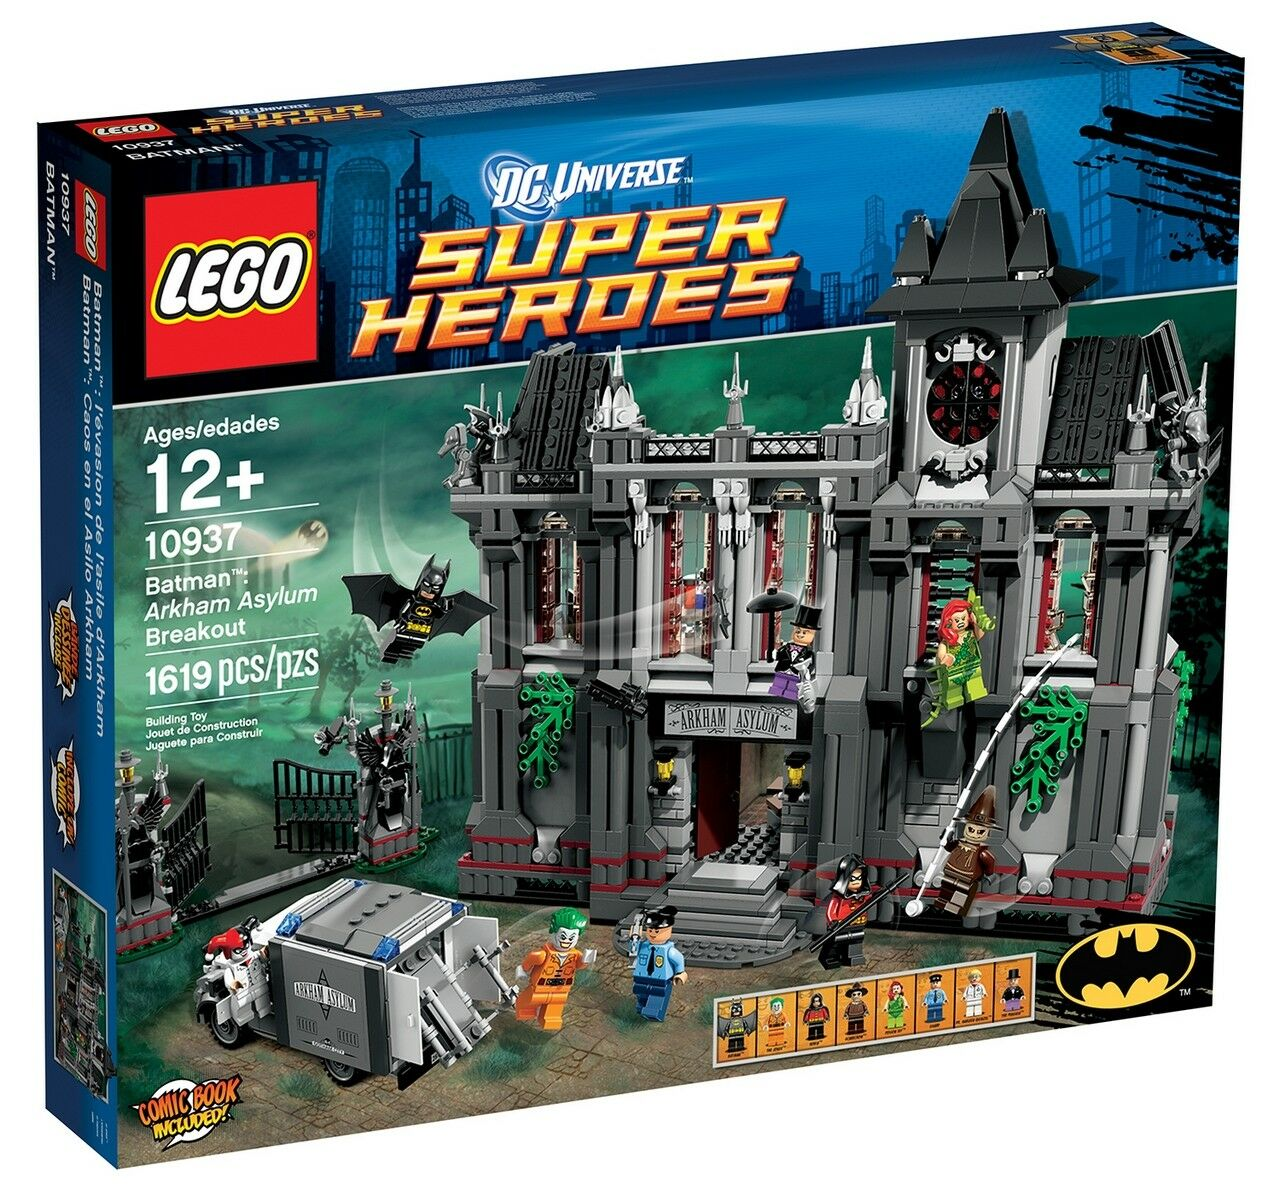 Lego Batman 10937 - Arkham Asylum Breakout - BRAND NEW and SEALED